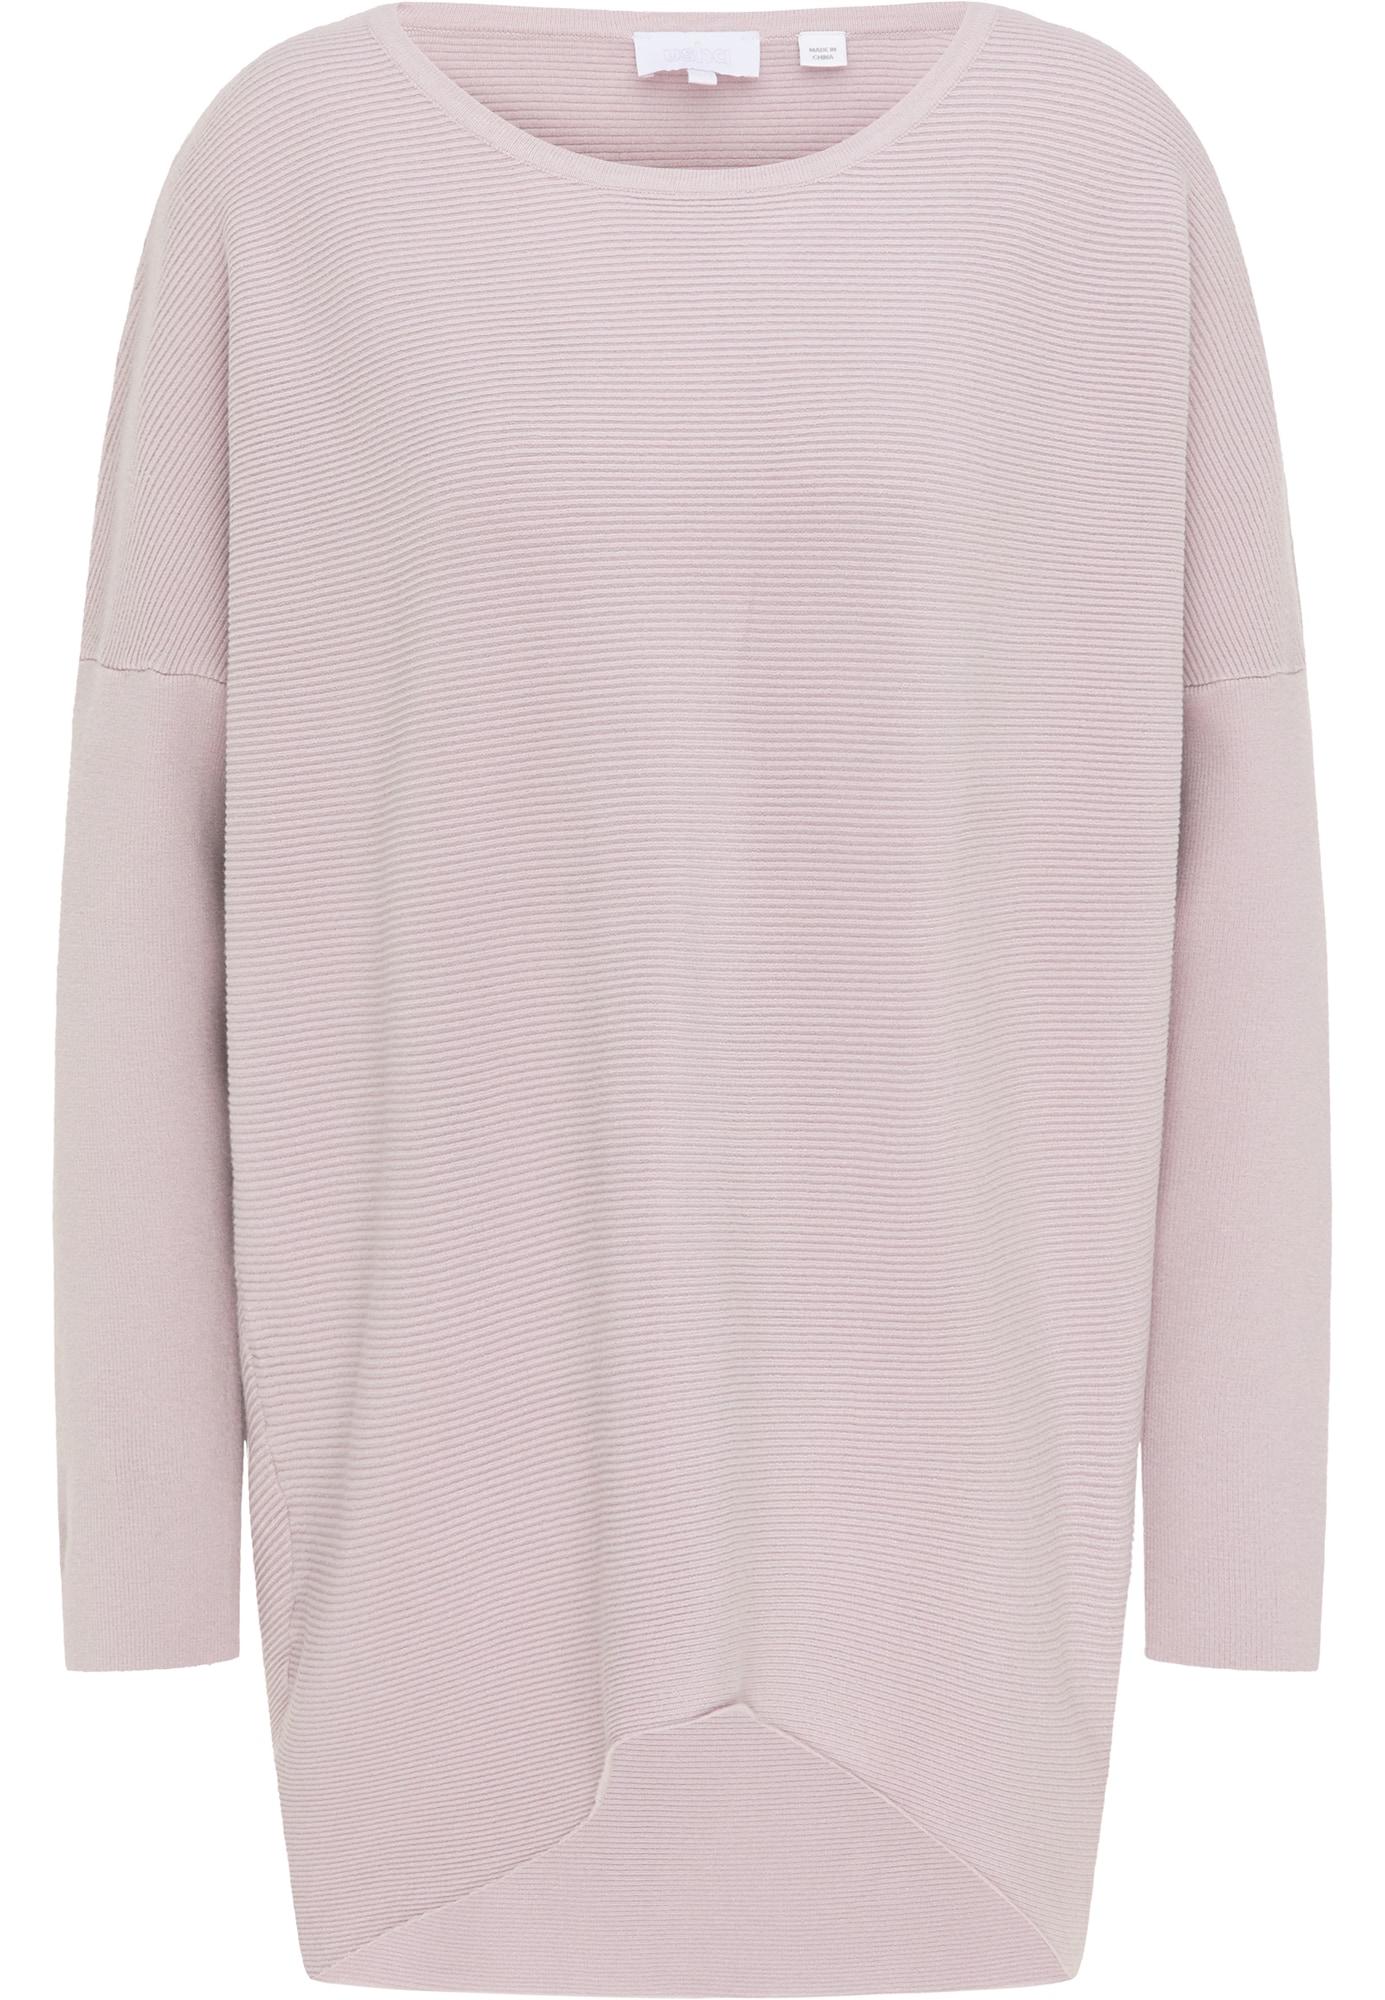 usha WHITE LABEL Megztinis ryškiai rožinė spalva